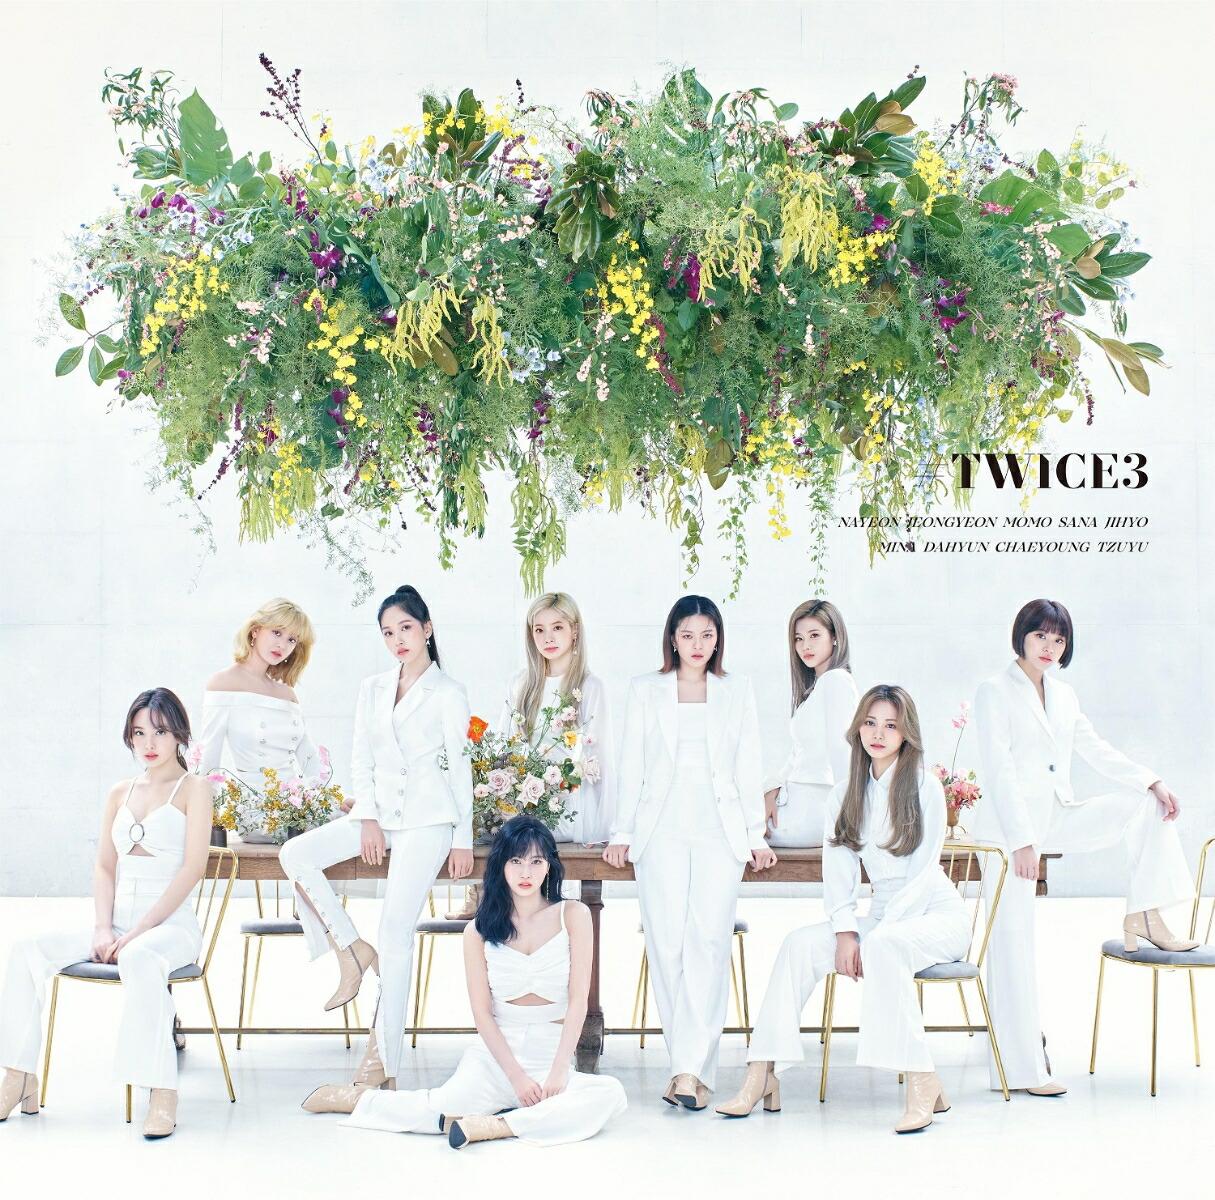 【楽天ブックス限定先着特典】#TWICE3 (通常盤) (チケットホルダー)